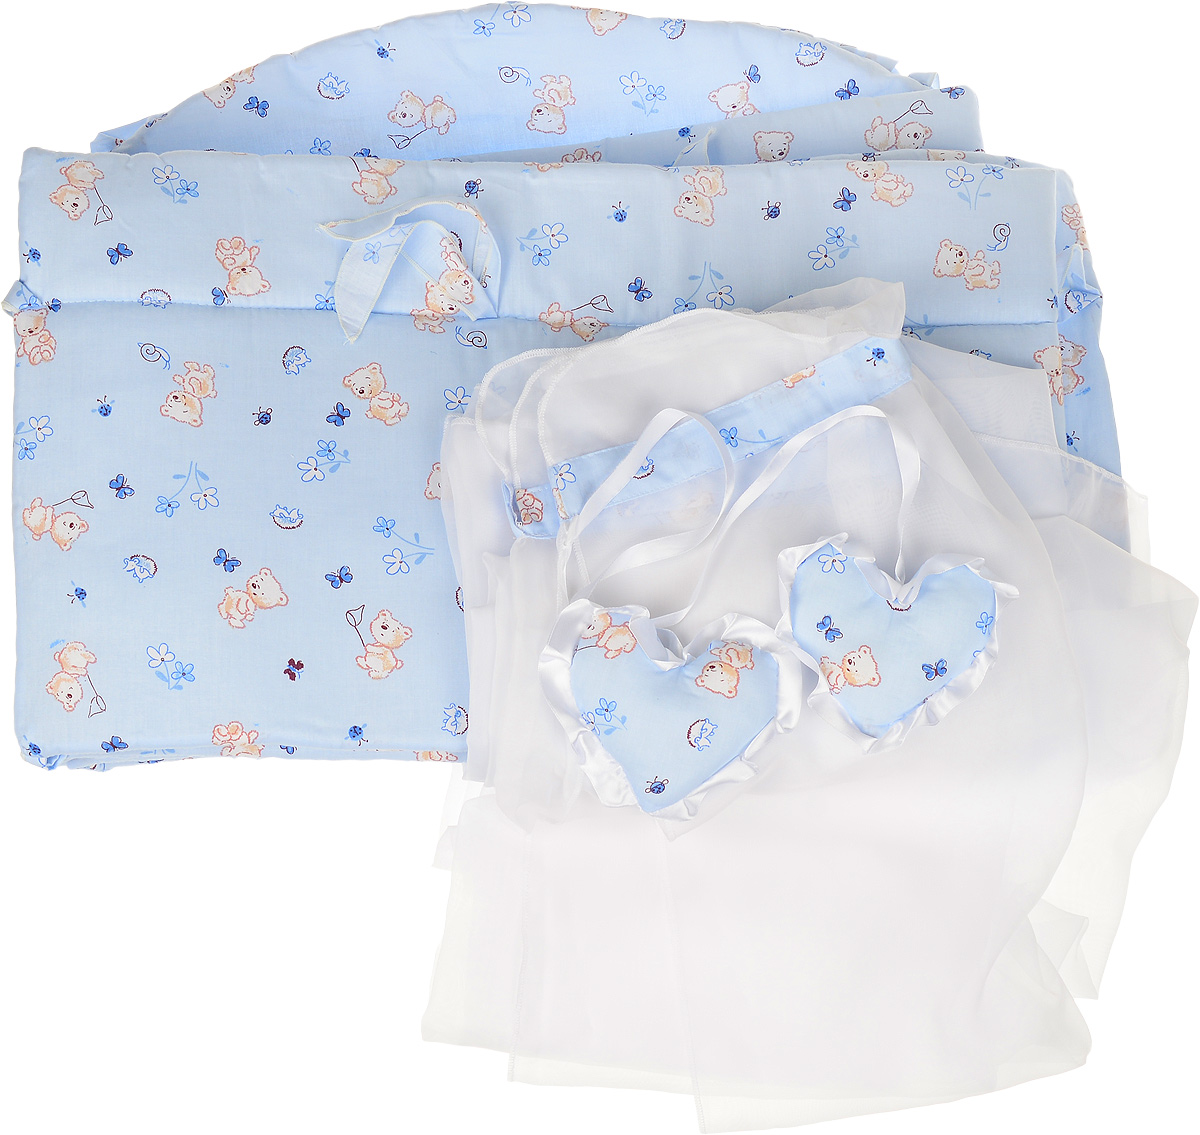 Фея Комплект в кроватку Мишки цвет голубой 2 предмета1047_голубойКомплект в кроватку Фея Мишки состоит из бортика и балдахина. Бортик в кроватку состоит из четырех частей и закрывает весь периметр кроватки. Бортик крепится к кроватке с помощью специальных завязок, благодаря чему его можно поместить в любую детскую кроватку. Бортик выполнен из натурального хлопка безупречной выделки. Деликатные швы рассчитаны на прикосновение к нежной коже ребенка. Борт оформлен изображениями забавных плюшевых медвежат.Балдахин, выполненный из полиэстера, может использоваться как для люльки, так и для кроватки. Сверху балдахин декорирован вставкой из хлопка с рисунком. Изделие оснащено двумя атласными лентами с мягкими игрушками в виде сердец на концах. Ленты завязываются на бант.